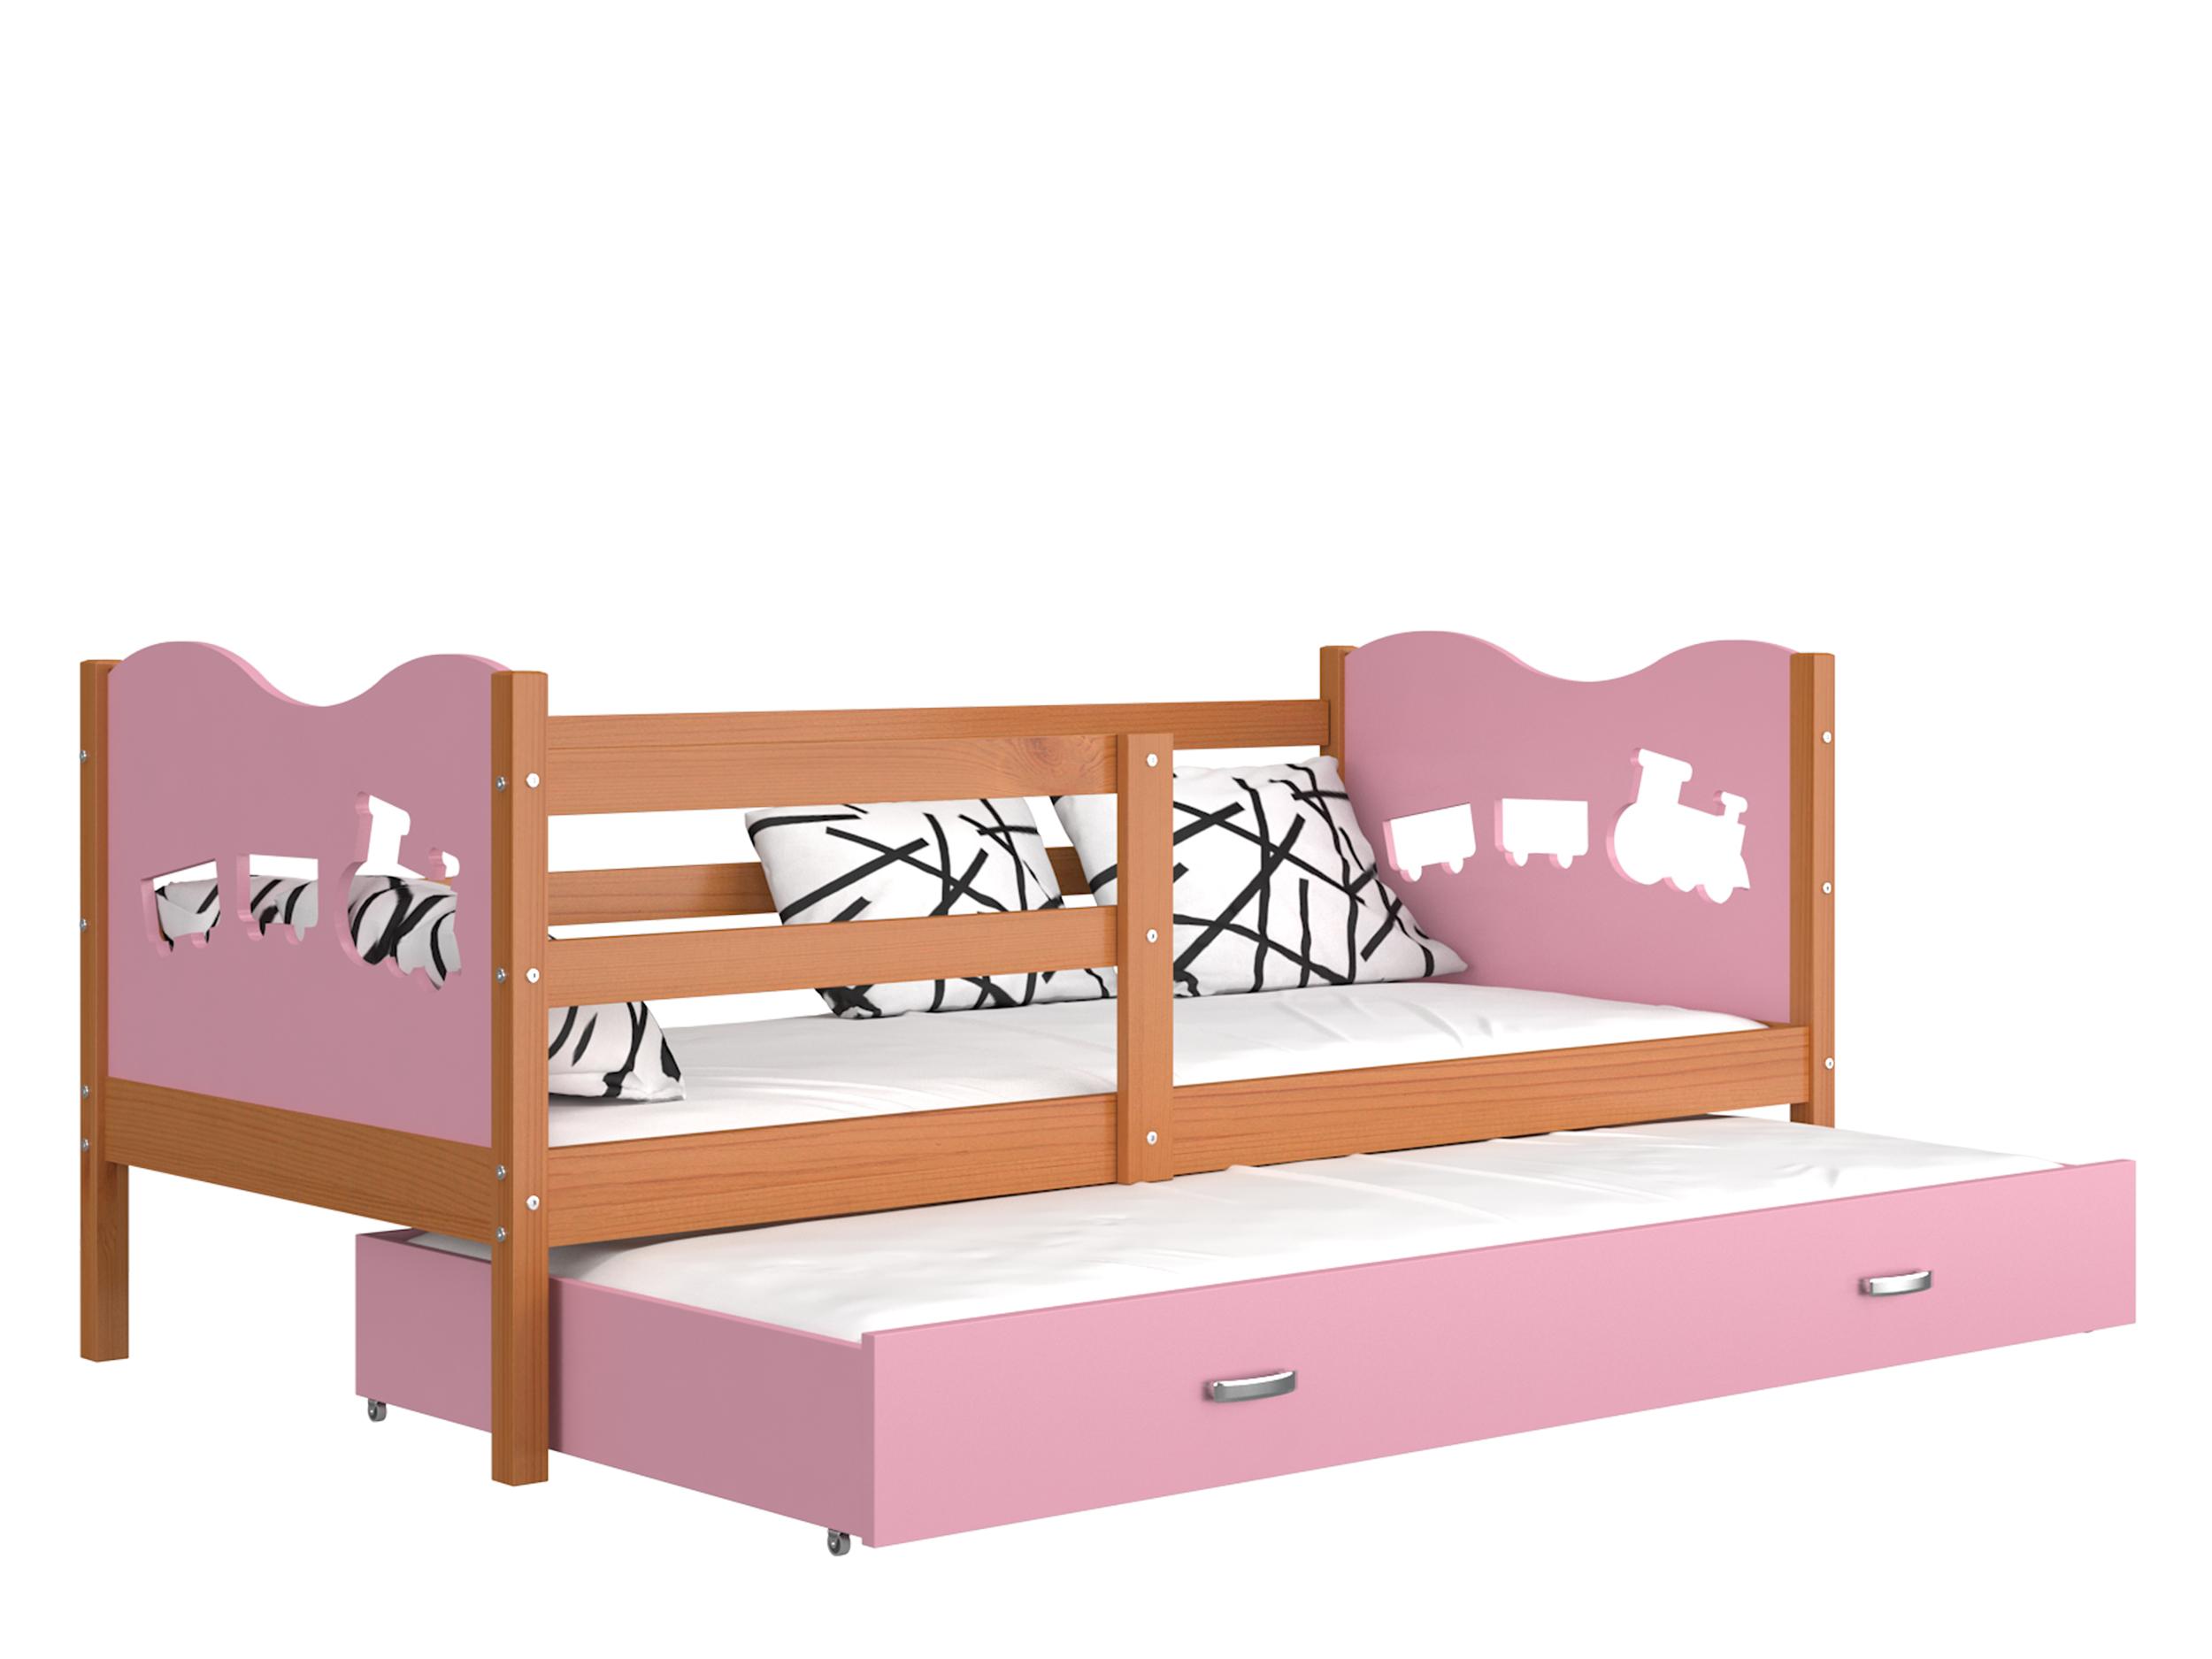 ArtAJ Detská posteľ Max P2 drevo / MDF 190 x 80 cm Max: jelša / ružová s matracom 190 x 80 cm